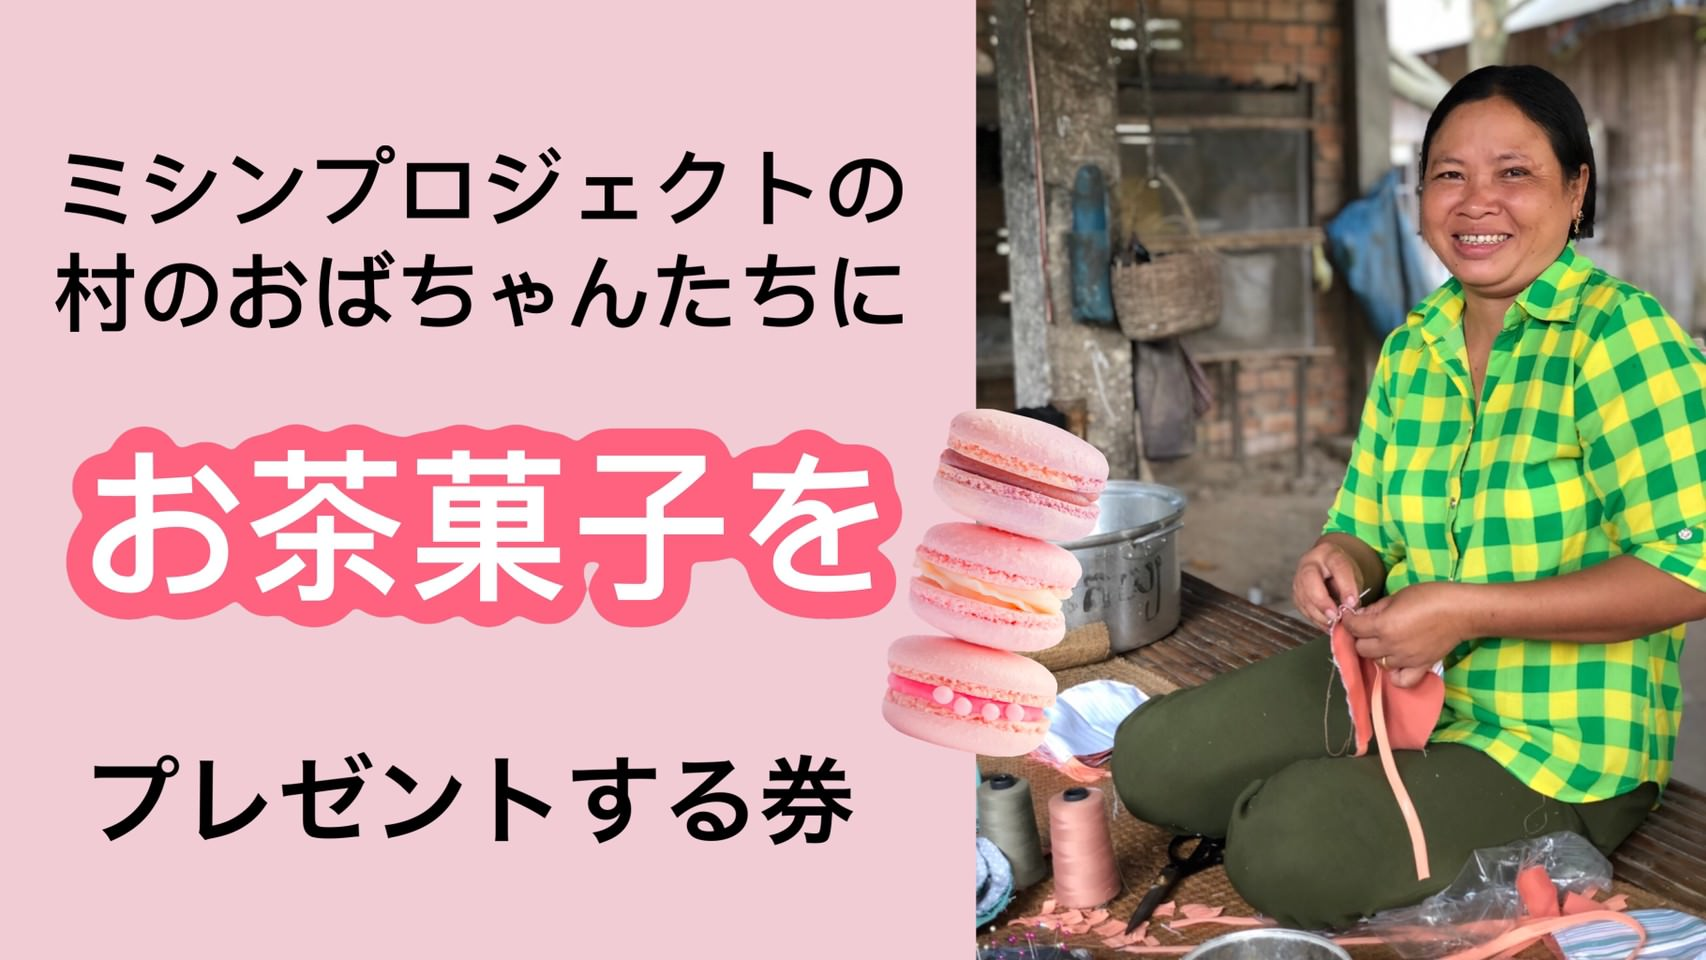 単発10,000円 ミシンプロジェクトの村のおばちゃんたちにお茶菓子をプレゼントする券